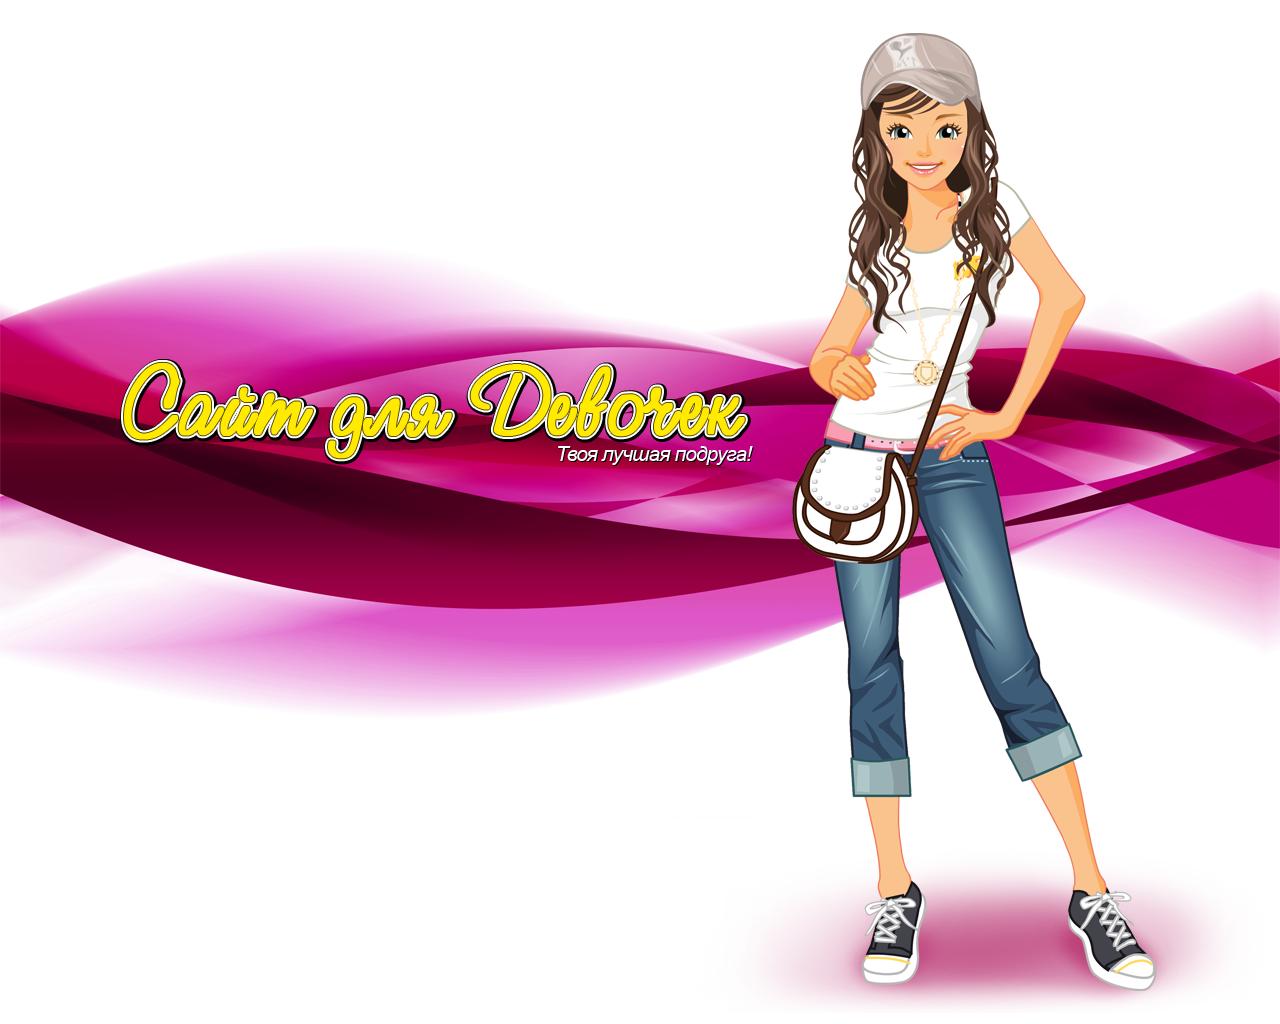 Сайт выкроек для девочек